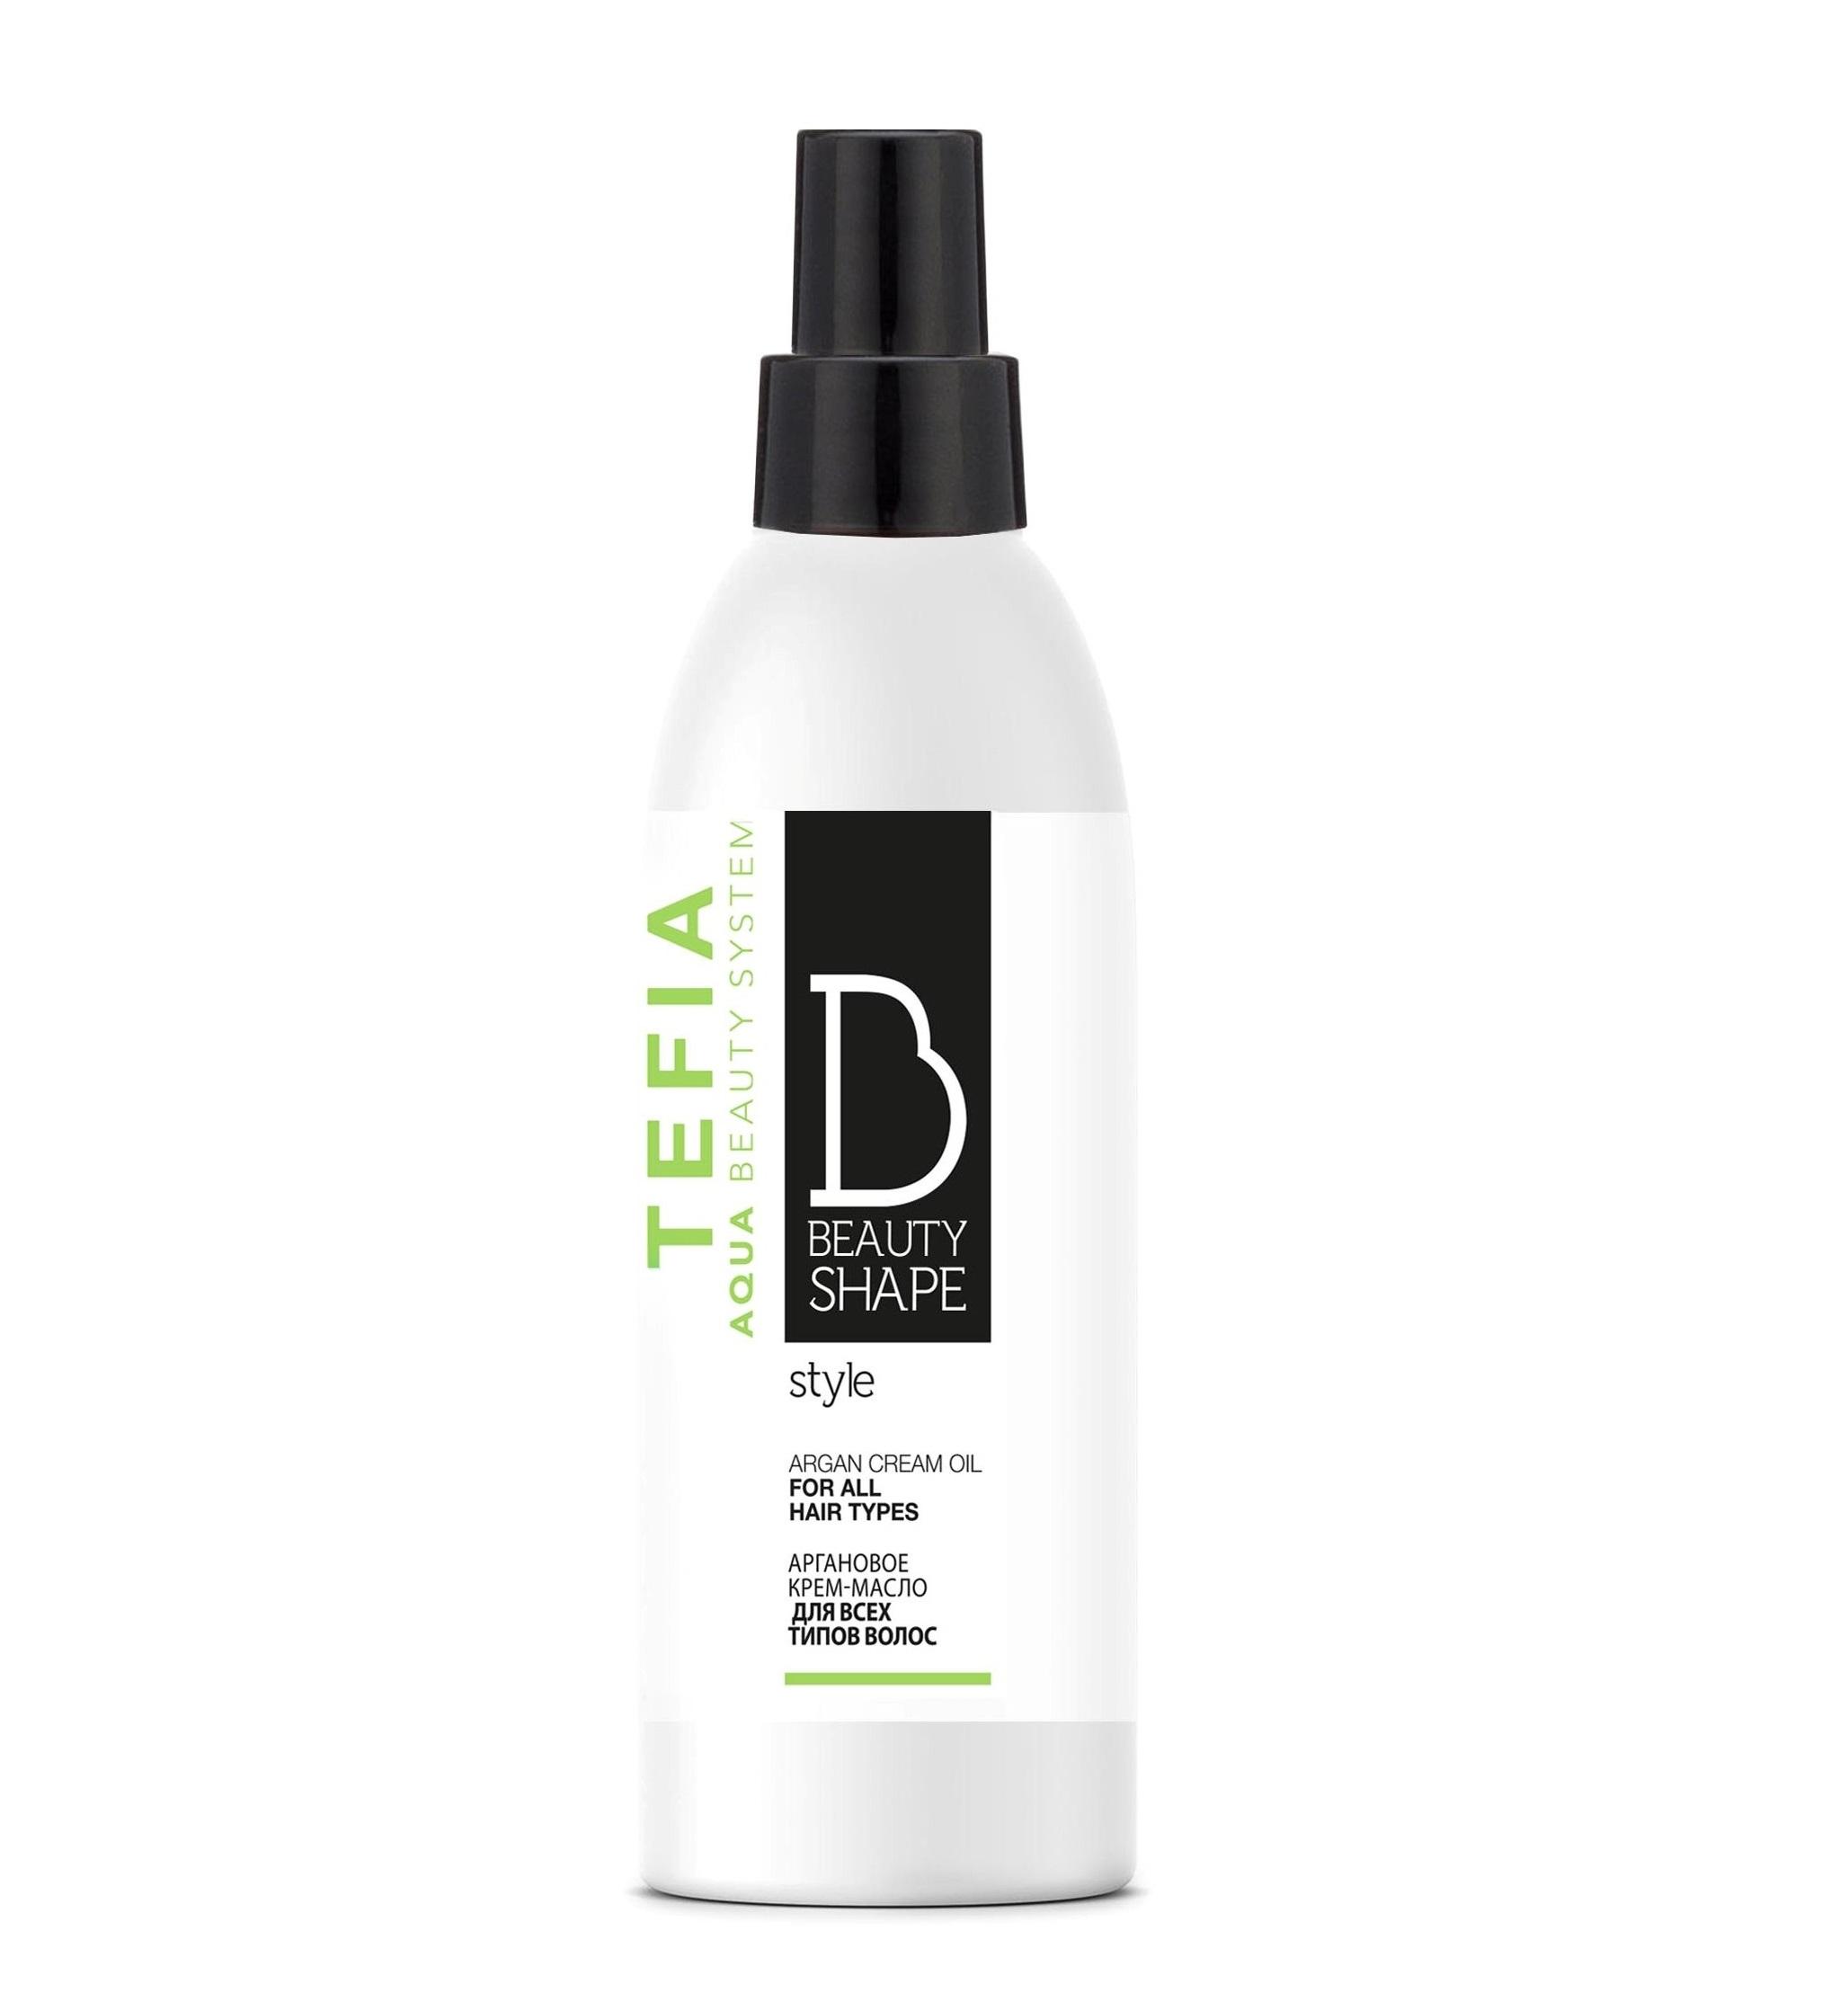 Купить TEFIA Крем-масло аргановое для всех типов волос / Beauty Shape Style 200 мл